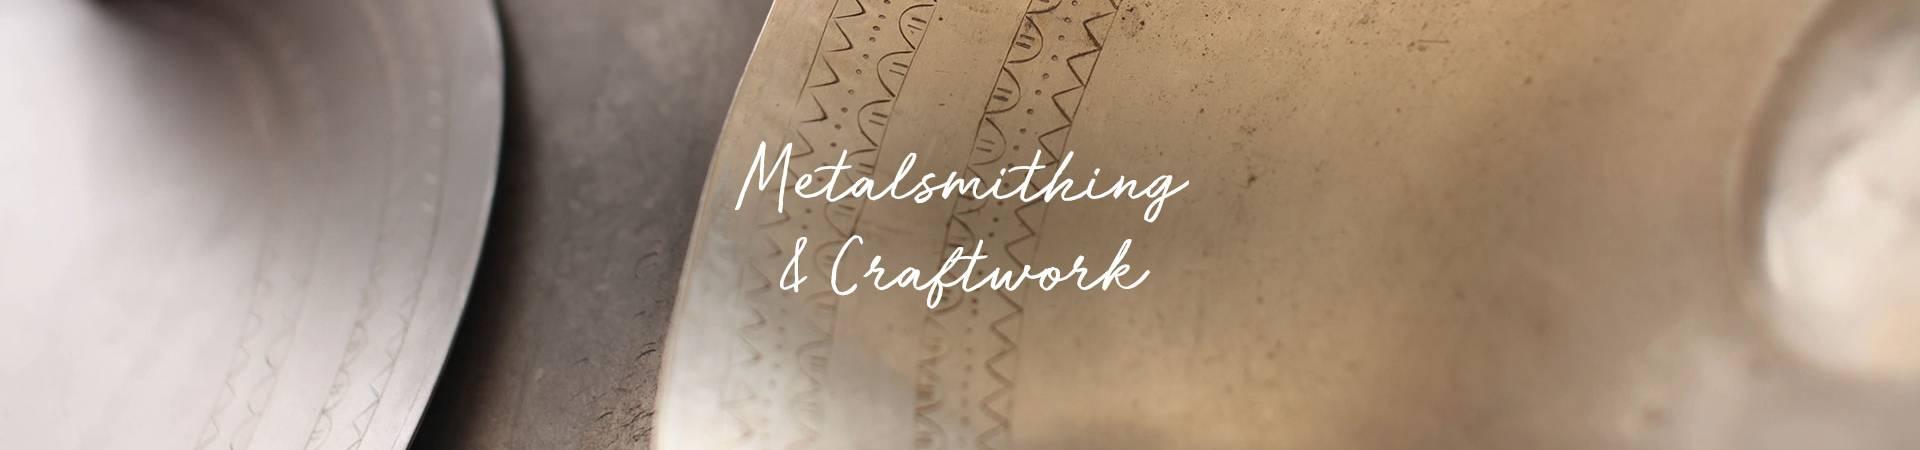 Nkuku_Art-of-Making_Metal-Smithing-&-Crfatwork_Header_1.jpg